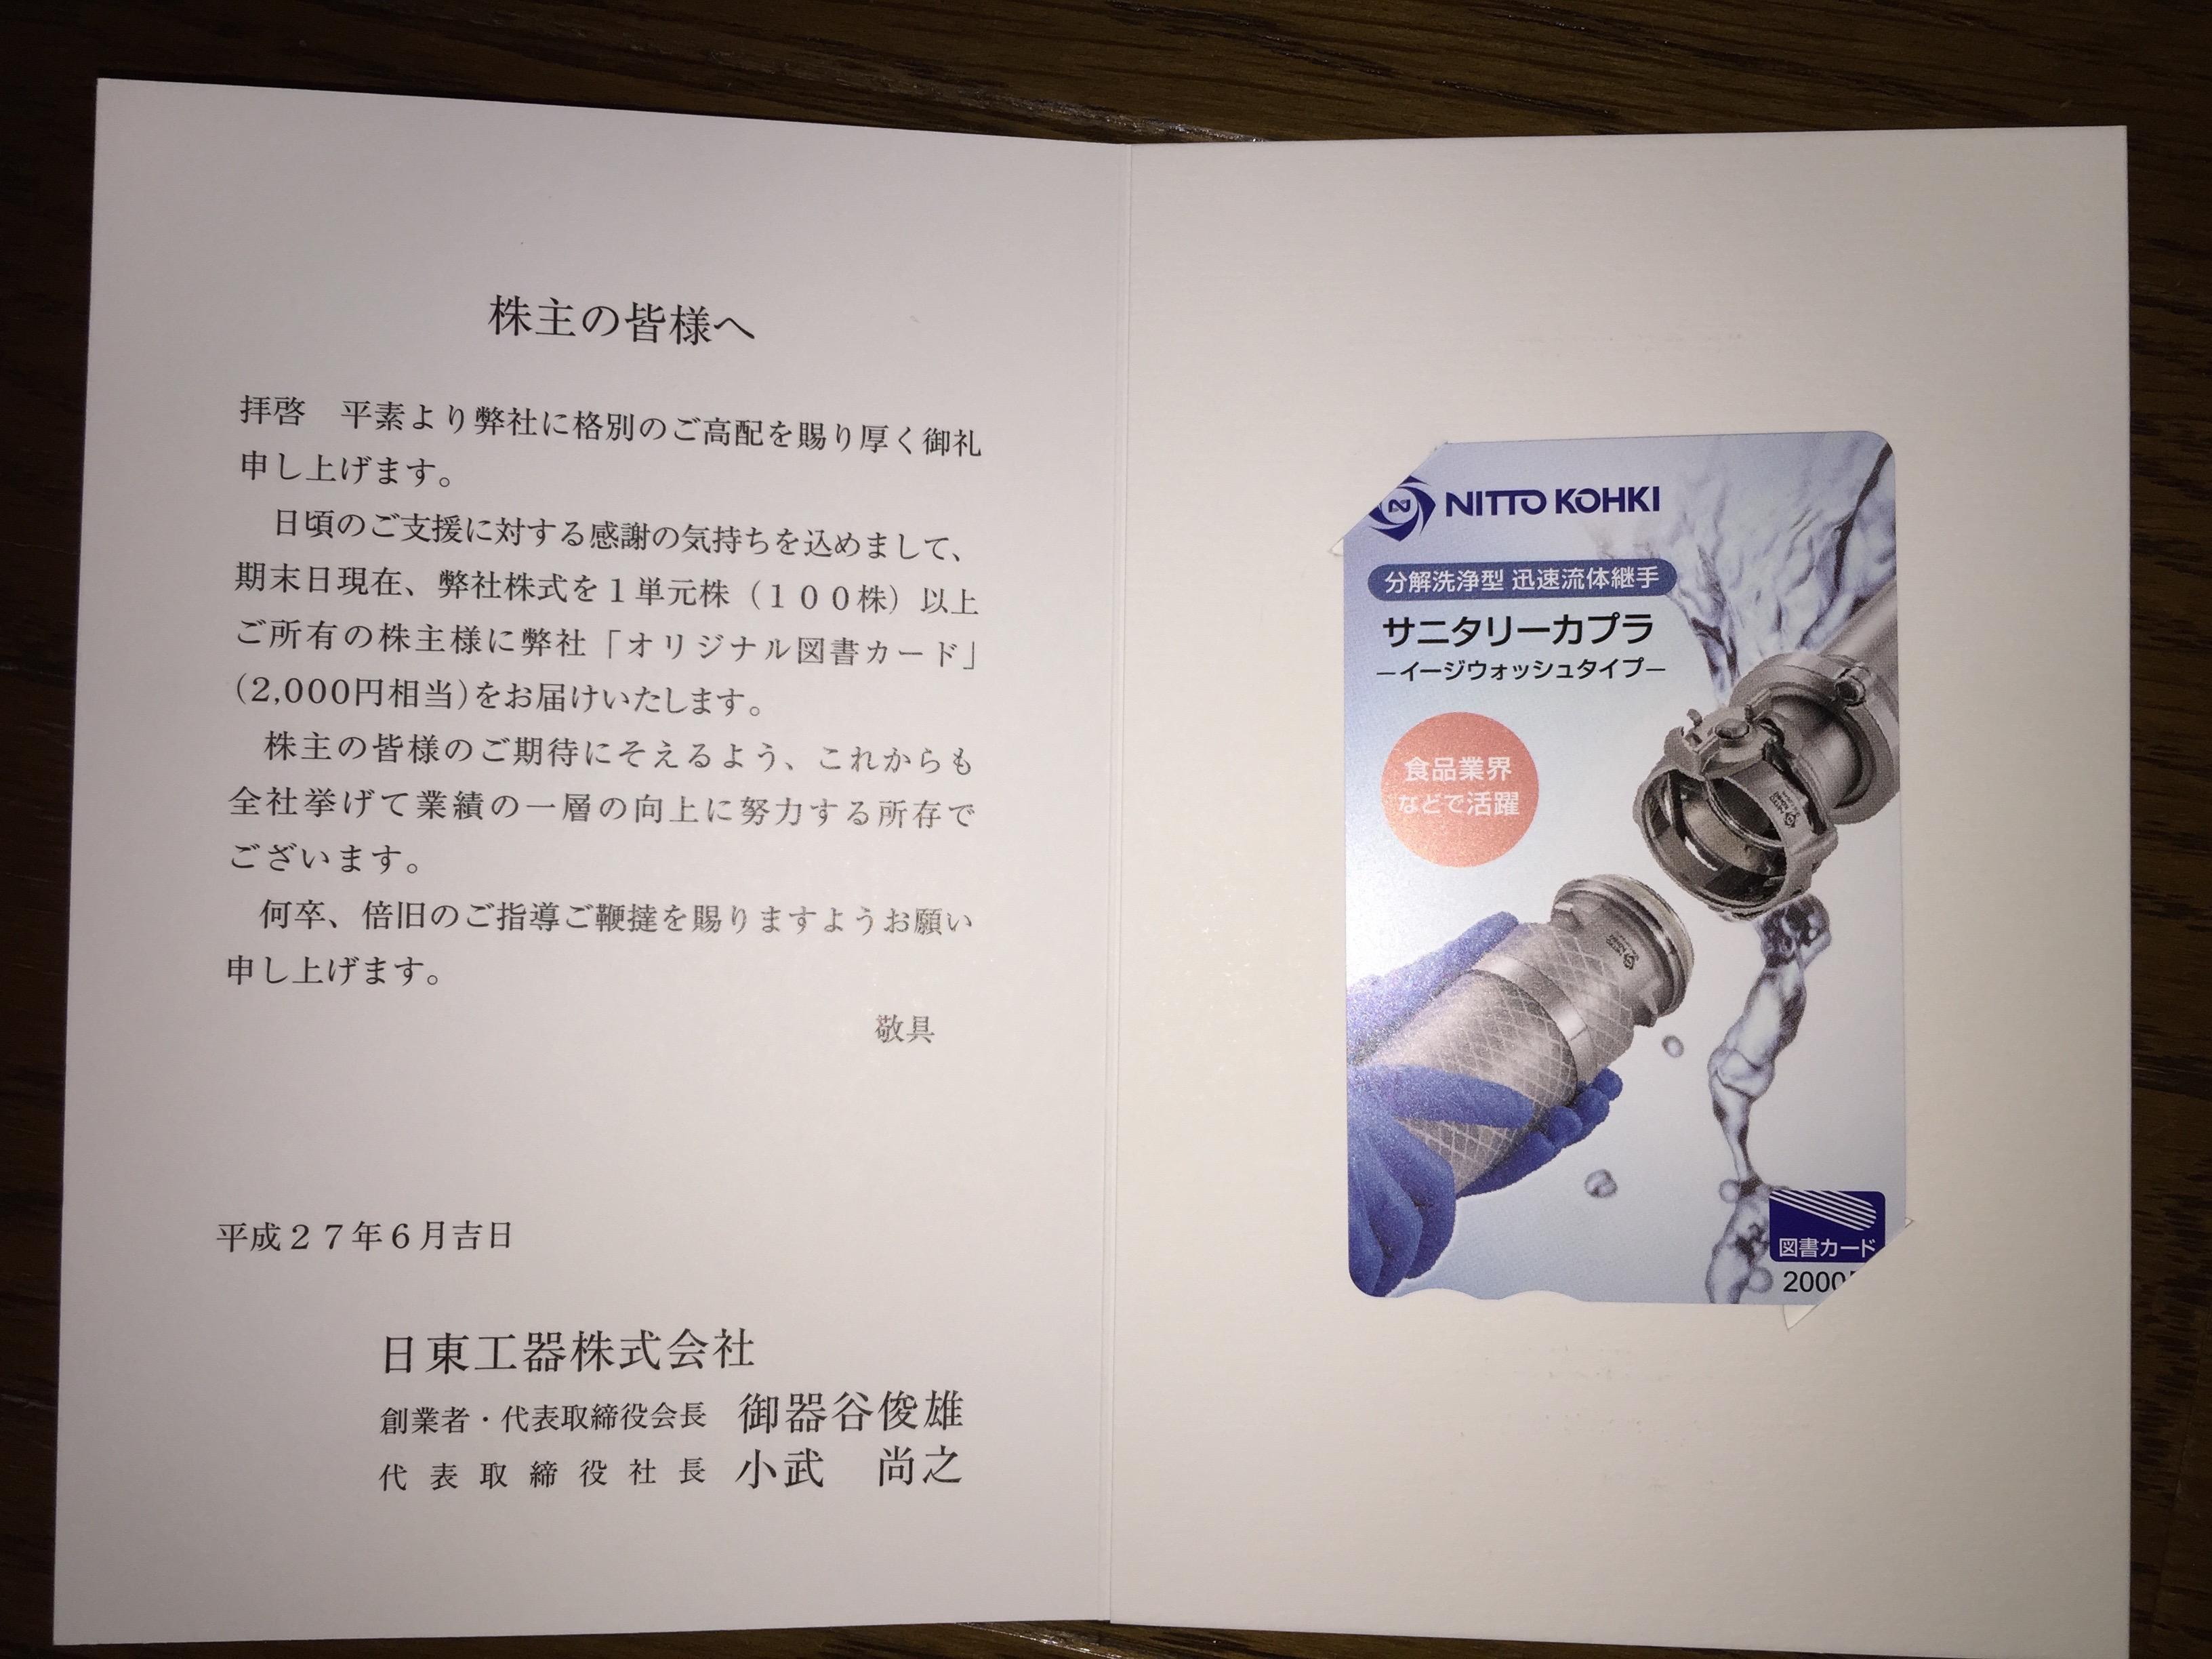 日東工器(6151)の株主優待を徹底紹介!!  図書カードの柄が変更!?